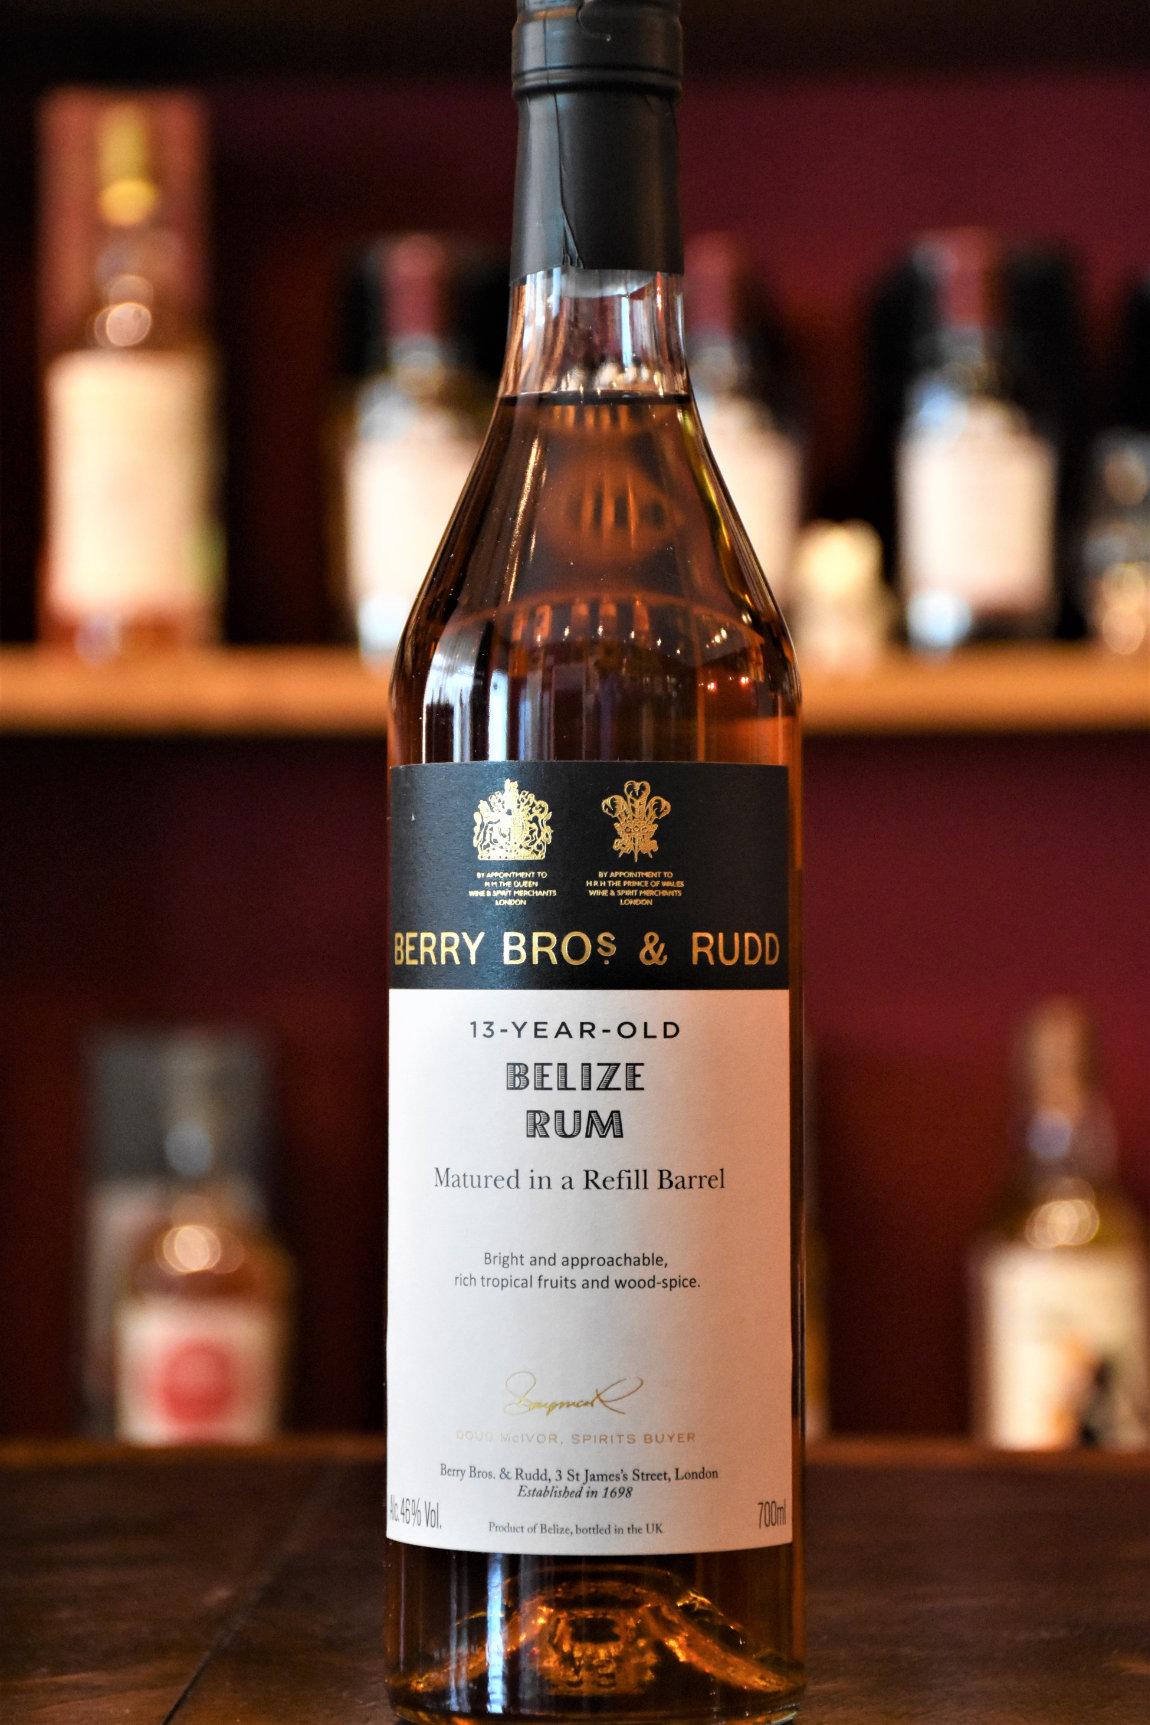 Belize 2007, 13 y.o. - Cask No. 1, Travellers Liquors Ltd. Distillery, 46% Alc.Vol., Berry Bros. & Rudd